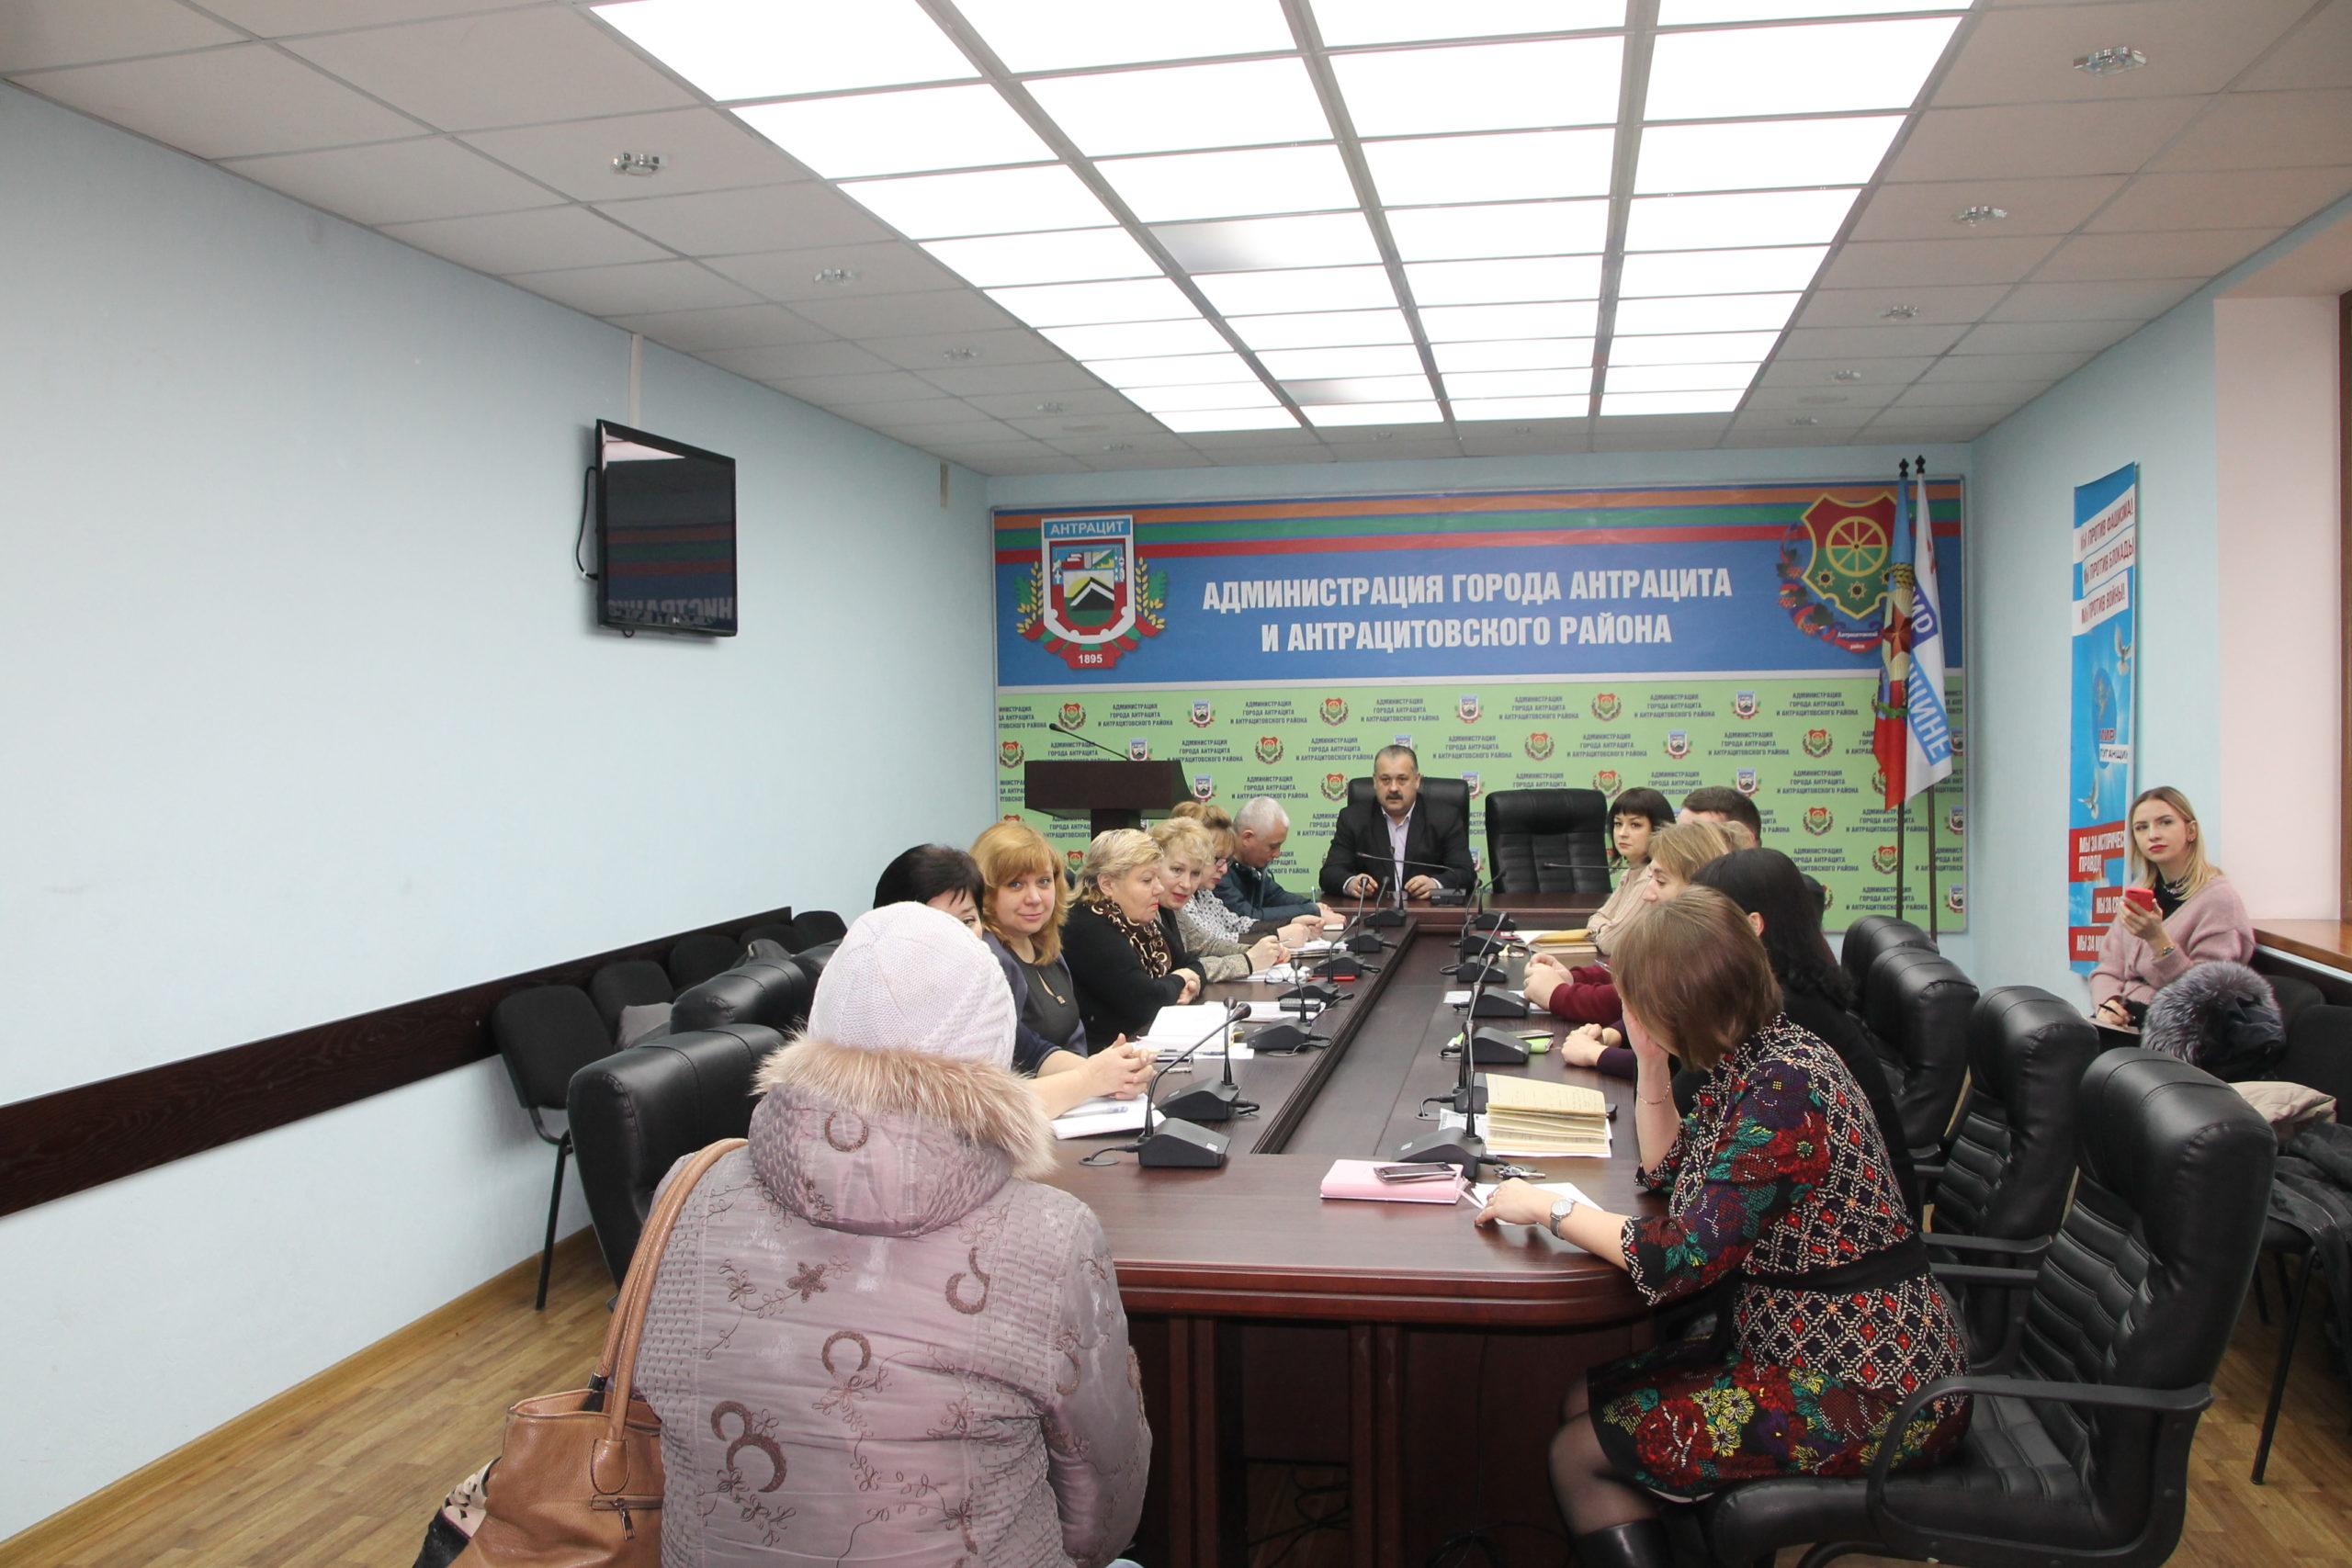 Глава Администрации города и района Сергей Саенко встретился с жителями Антрацита